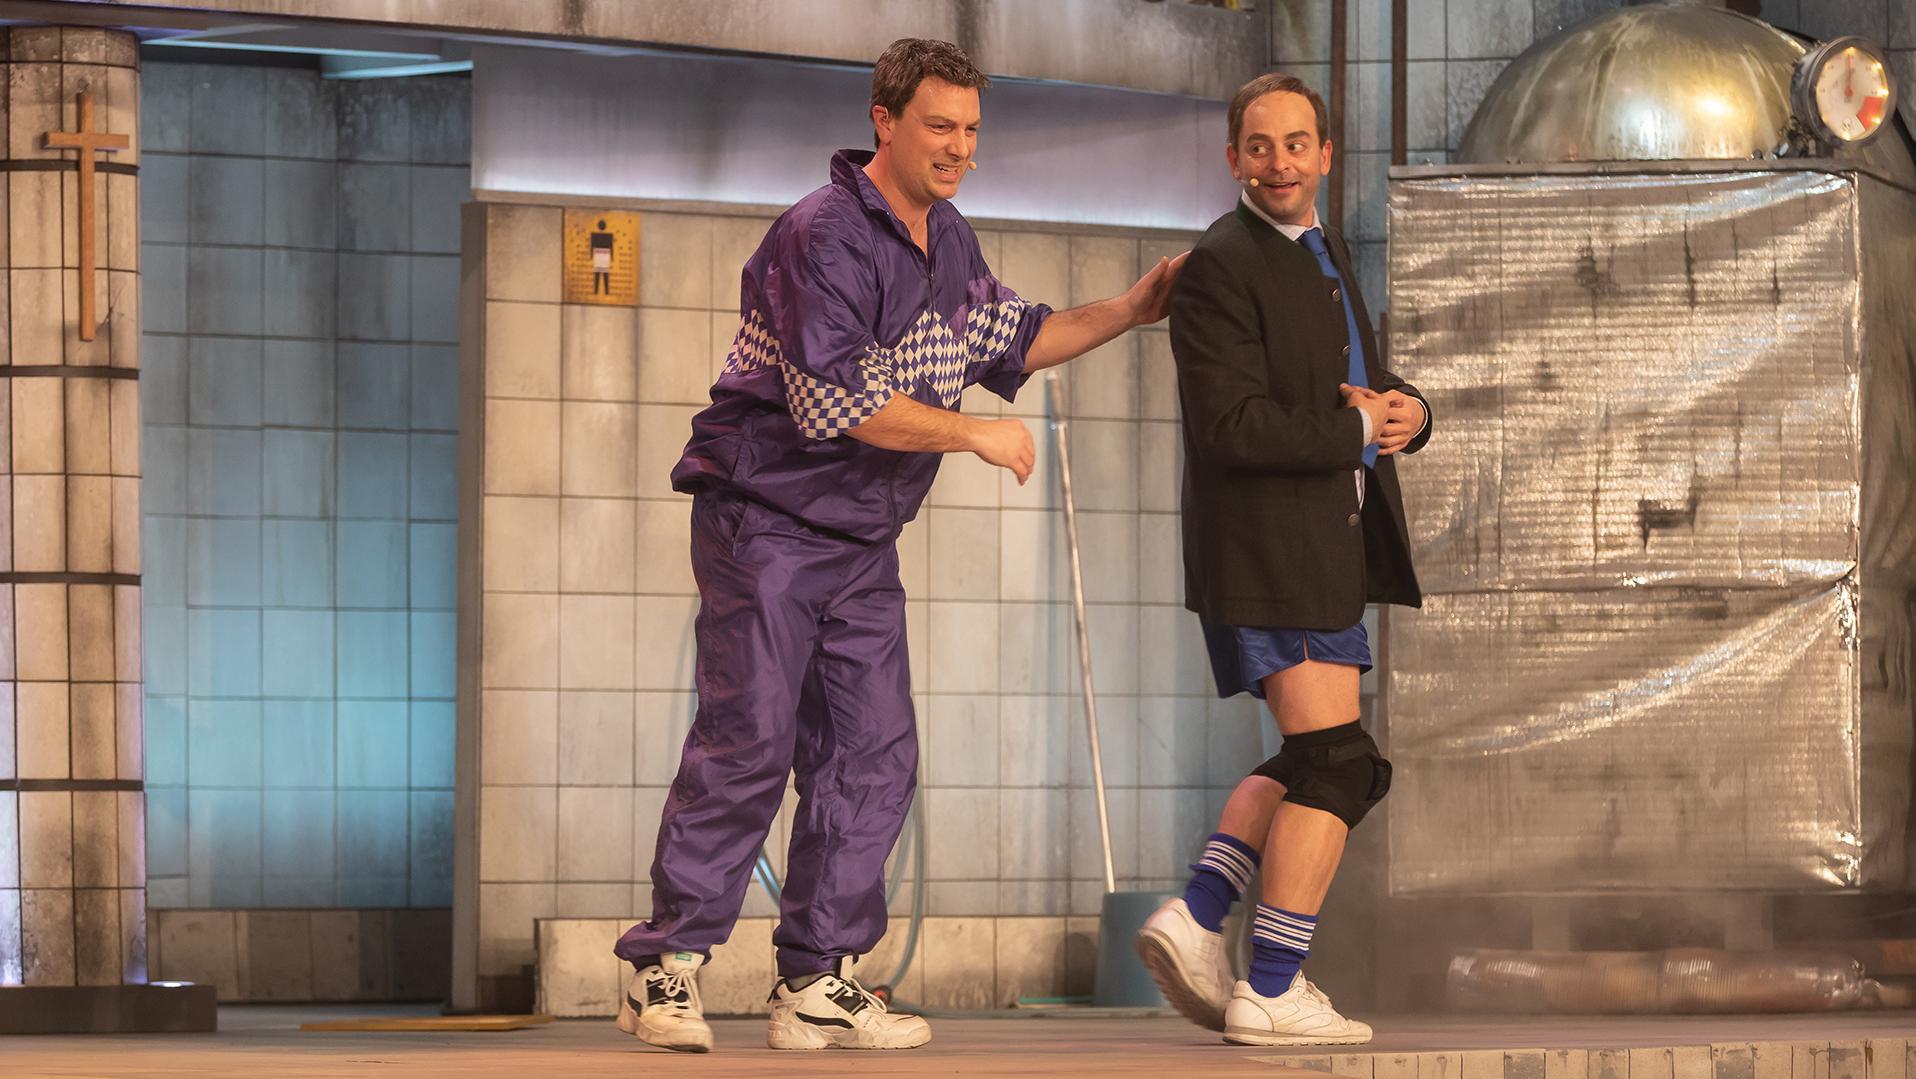 Söder (Stephan Zinner) und Aiwanger (Florian Fischer) im Duett.